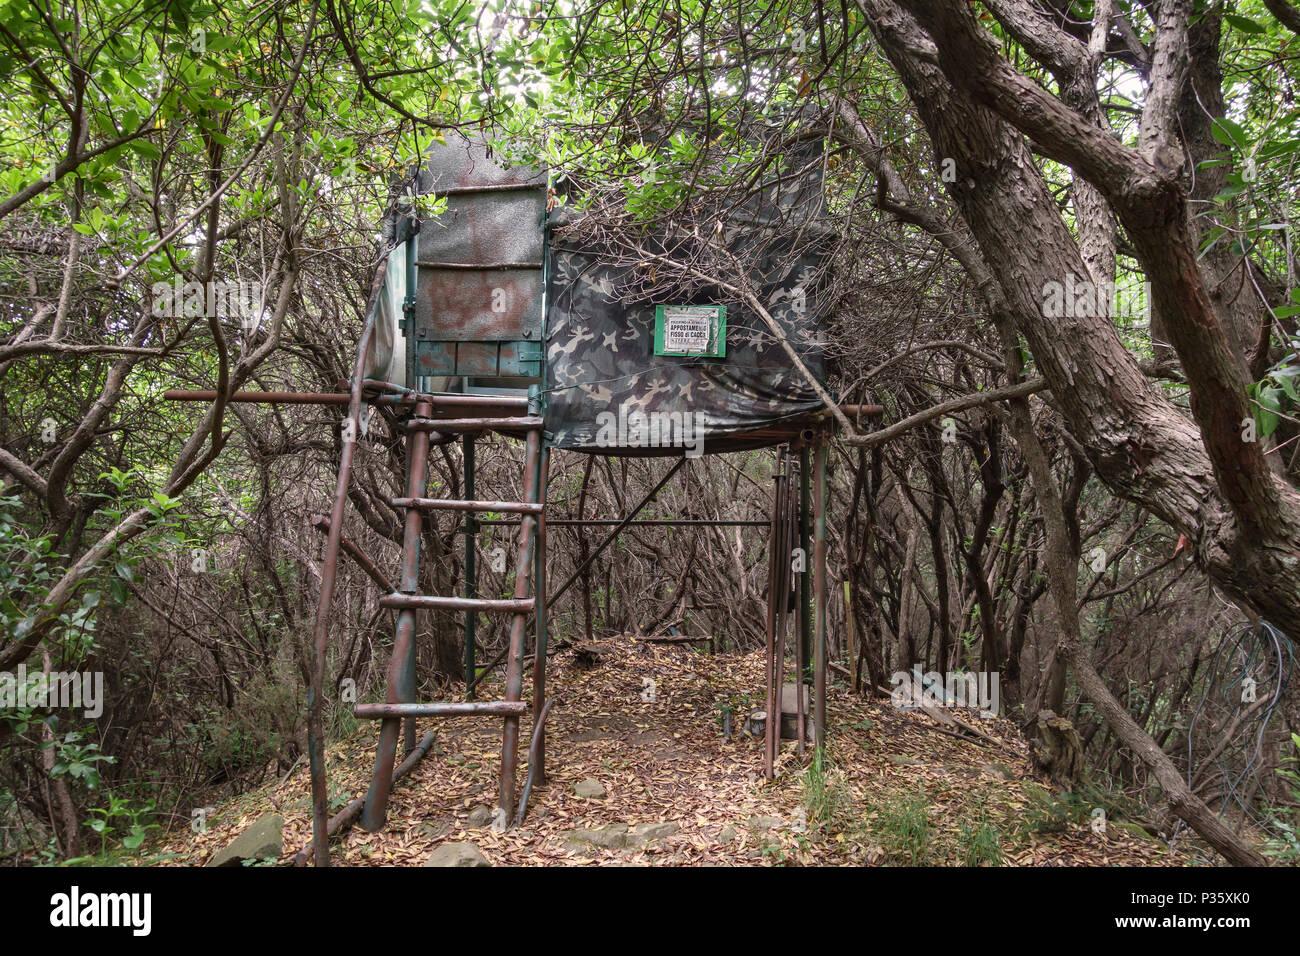 Toscana, Italia. Una plataforma de disparo (appostamento fisso di Caccia) en los bosques. Estos bosques están llenos de jabalí (cinghiale) y también los ciervos Imagen De Stock